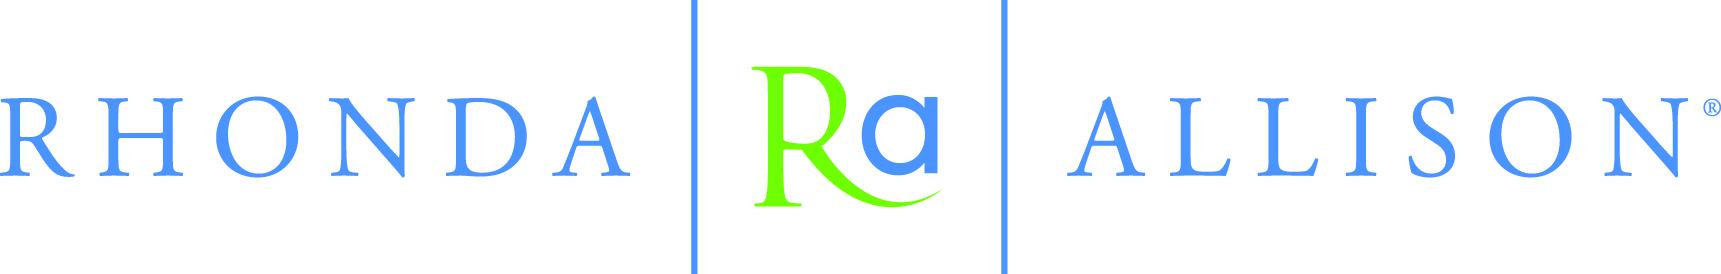 RA_HOR_2Cjpg.jpg